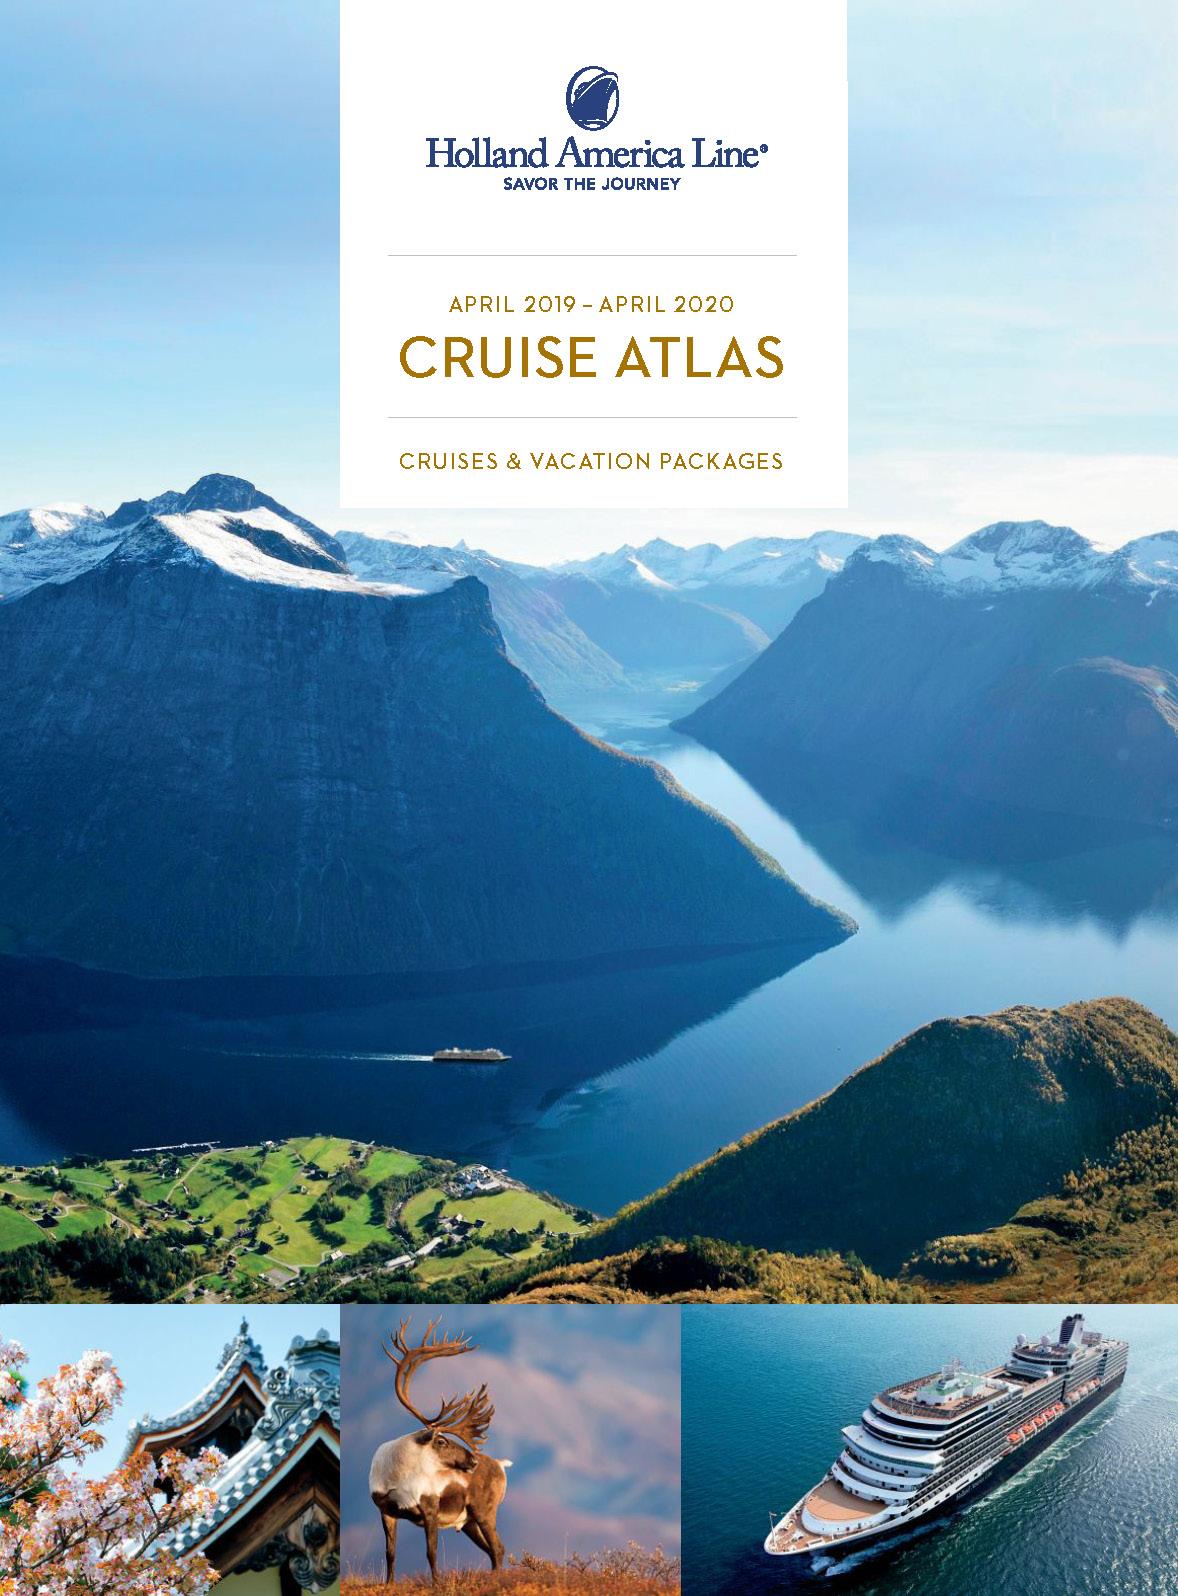 Catalogo Cruceros Holland America Line 2019-2020